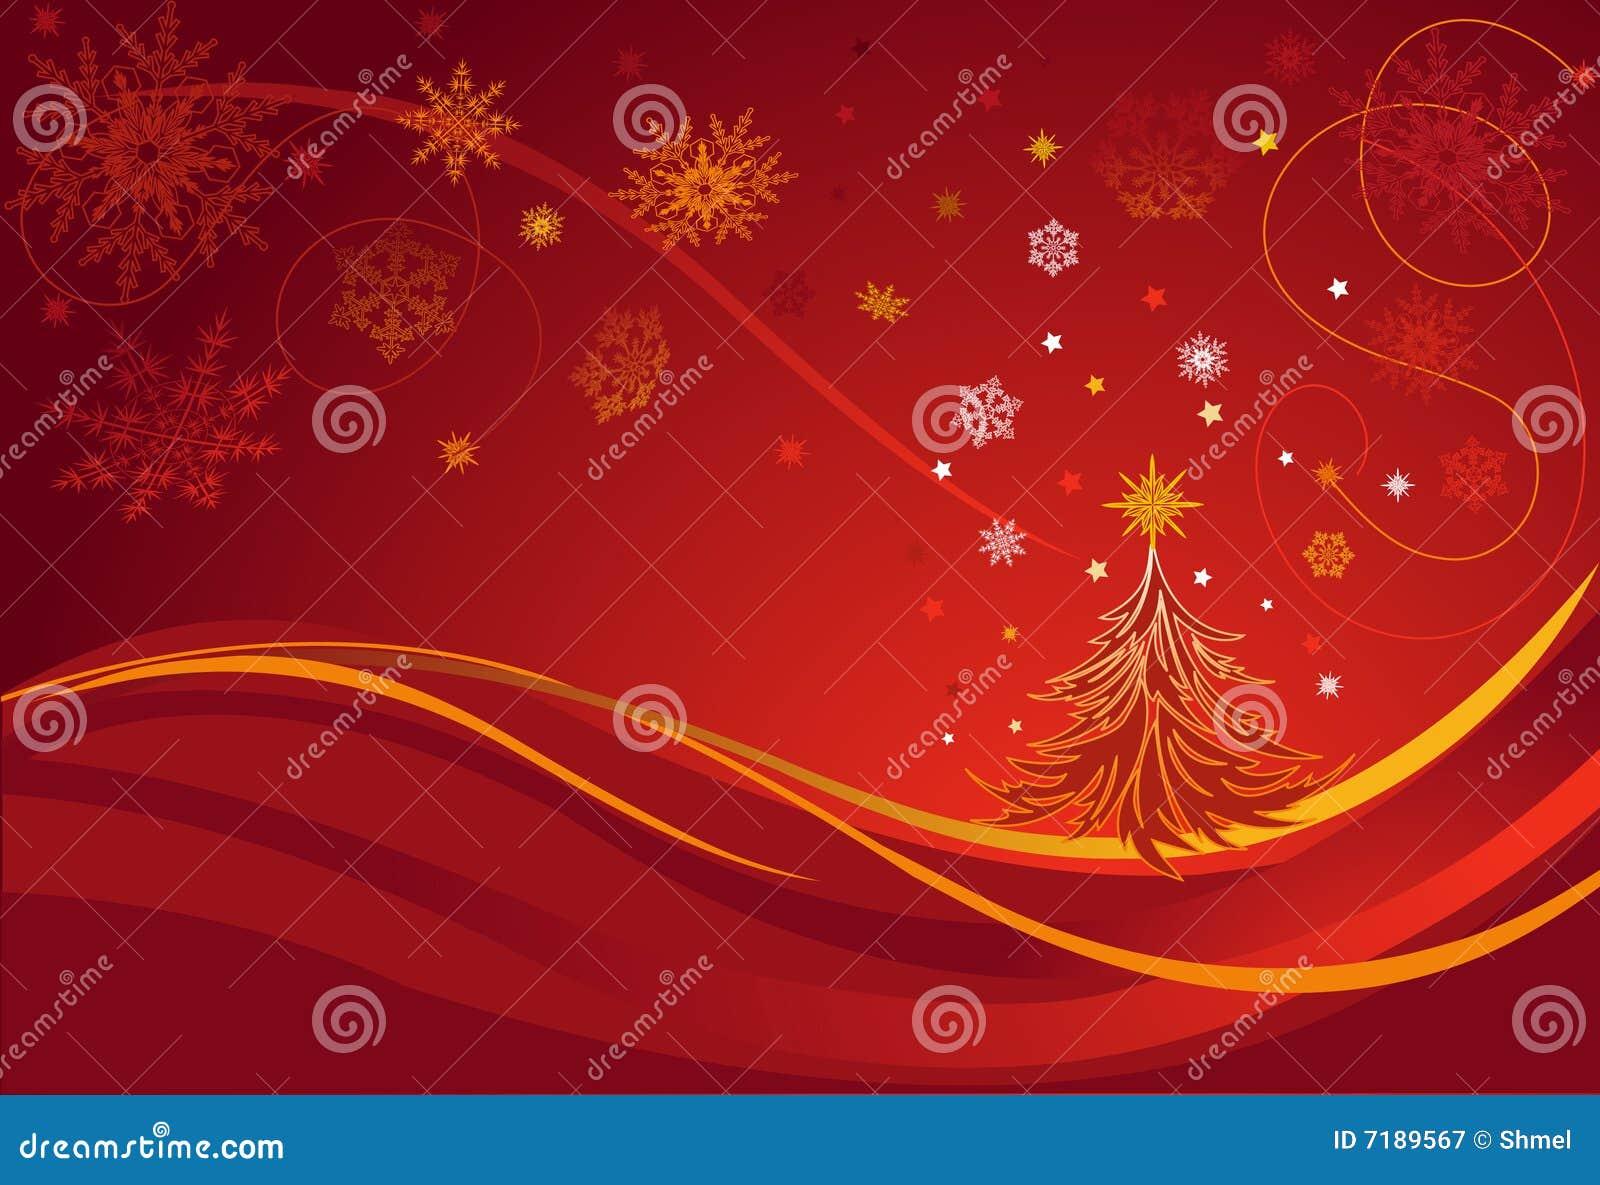 Weihnachtsbaum. Gruß-Karte. Roter Hintergrund.